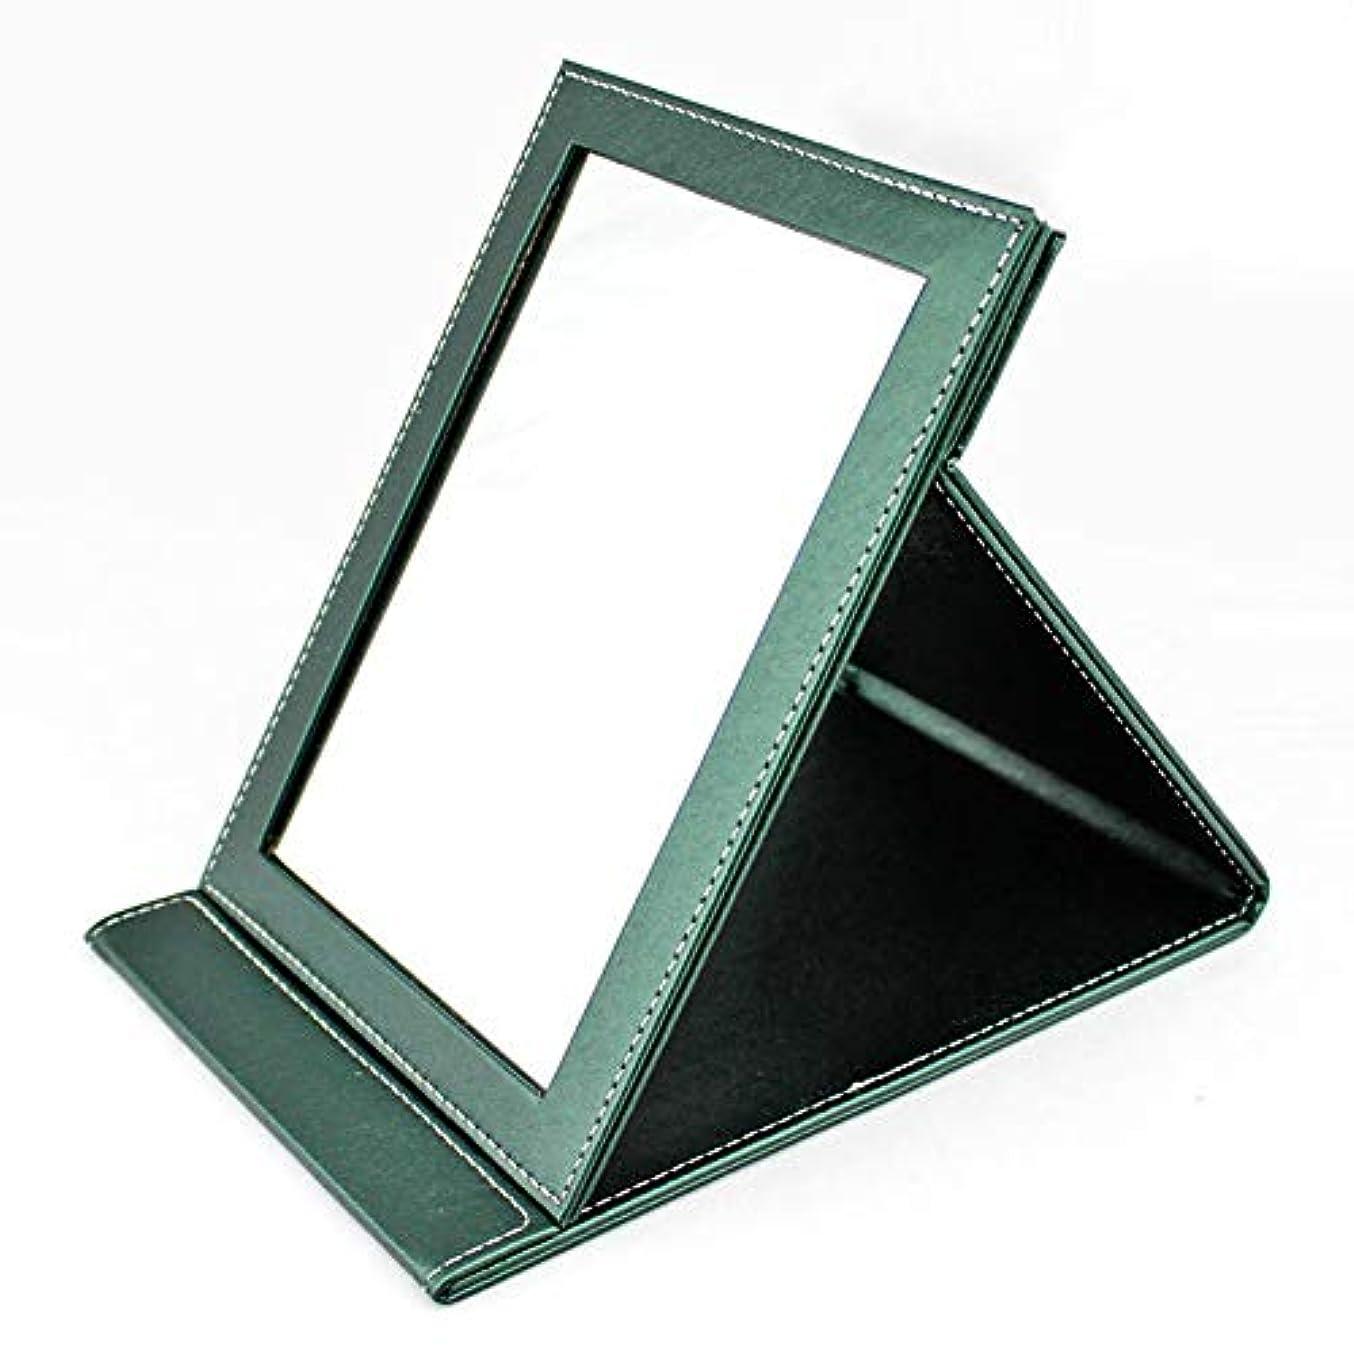 拾う成長する統合化粧鏡 卓上鏡 折りたたみ鏡 スタンドミラー 角度調整自由自在 上質PUレザー使用,緑色